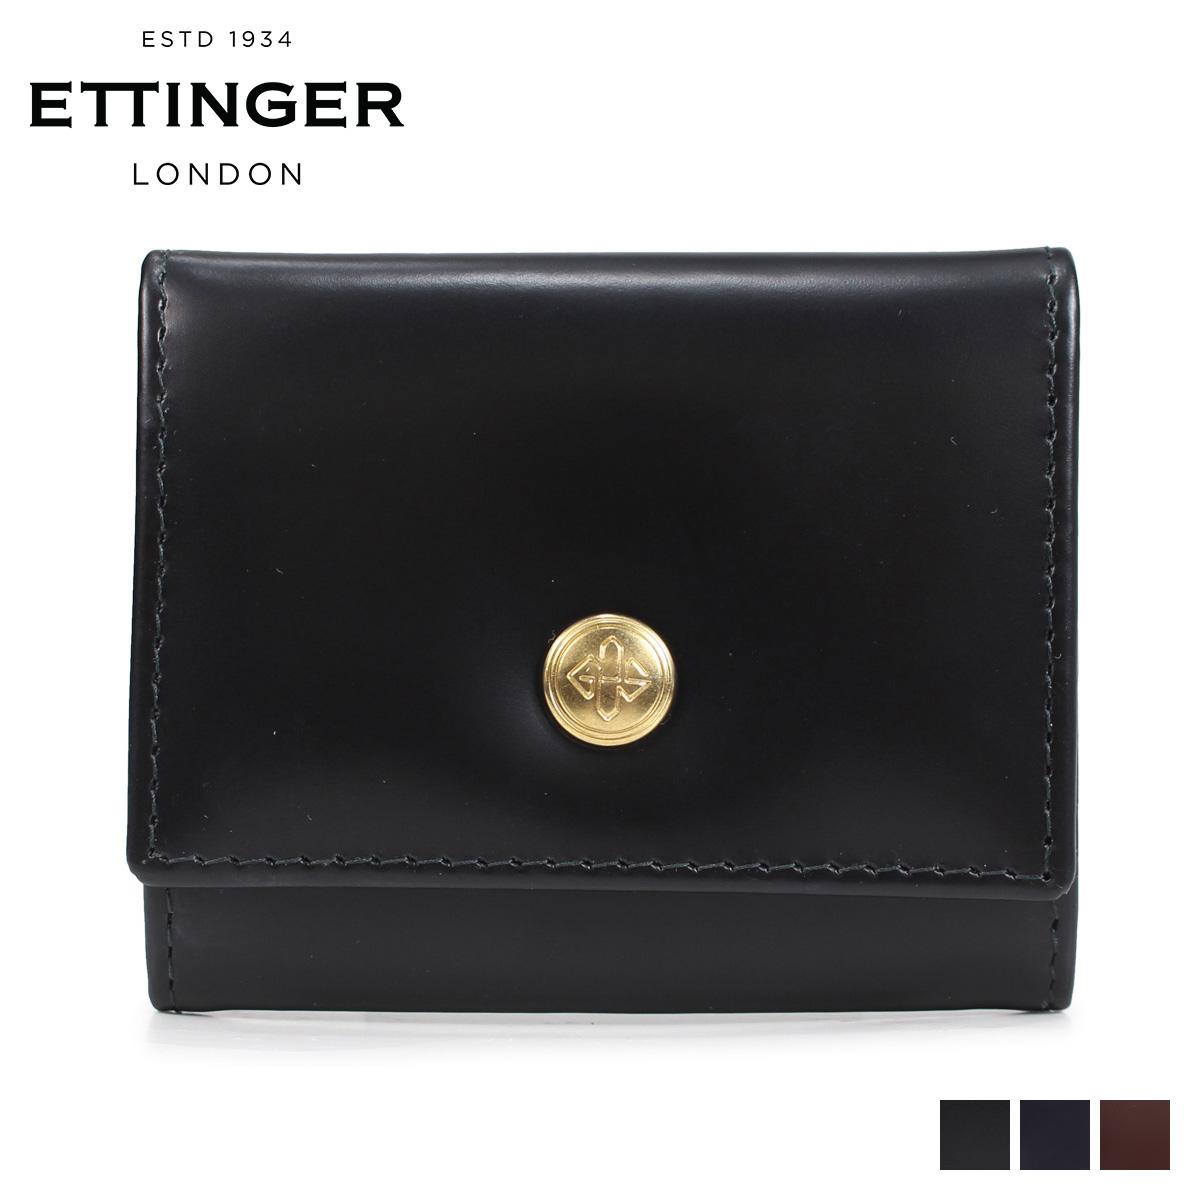 エッティンガー ETTINGER 財布 コインケース 小銭入れ メンズ 本革 BRIDE HIDE COIN PURSE WITH CARD POCKET ブラック ネイビー ブラウン 黒 BH145JR